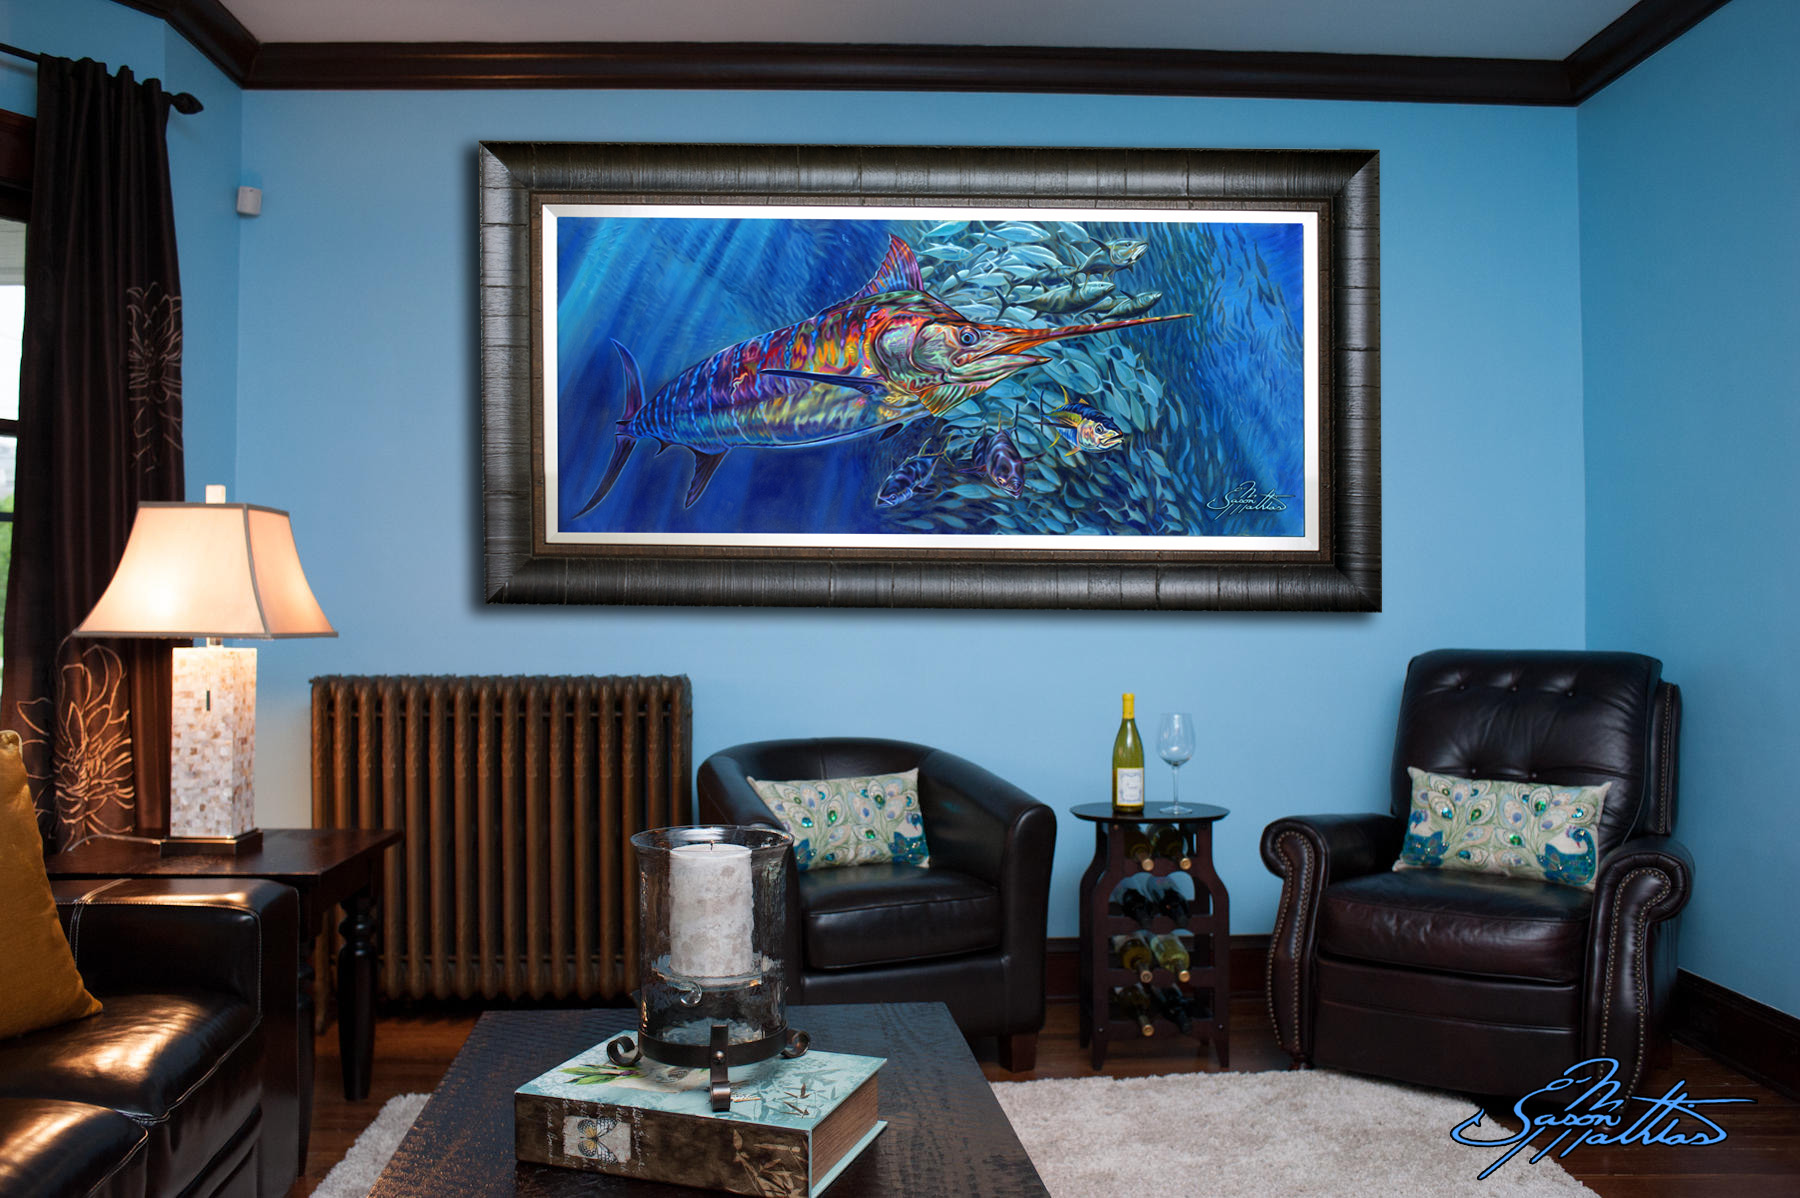 blue-marlin-fine-art-interior-decor.jpg